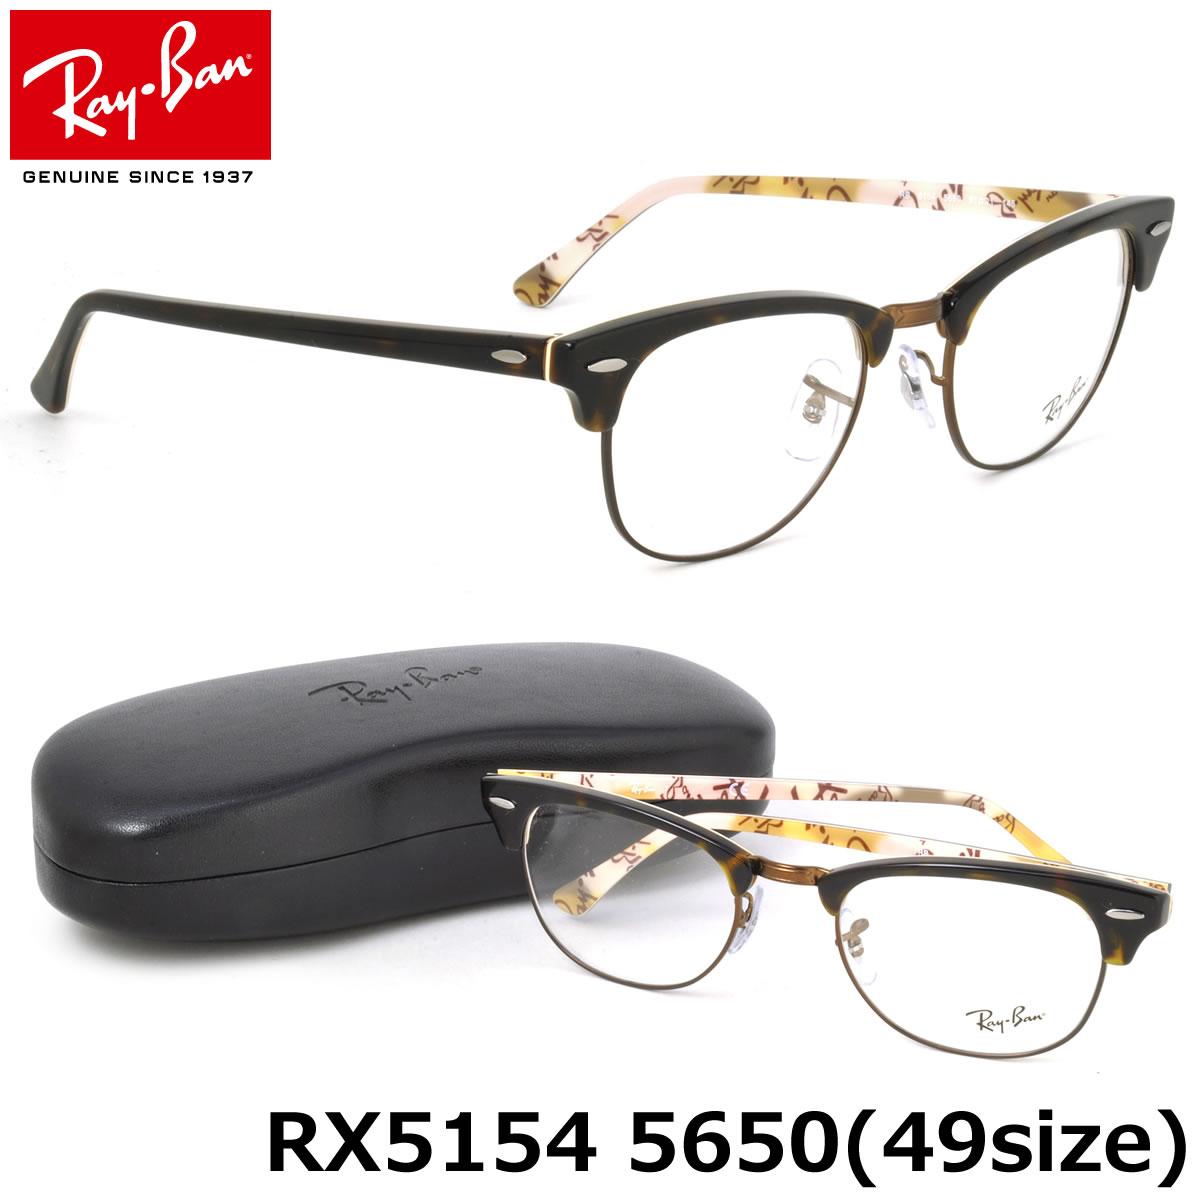 78fb790601 Ray-Ban glasses frame Ray-Ban RX5154 5650 49 size CLUBMASTER  クラブマスターサーモントブローレイバン RAYBAN men gap Dis